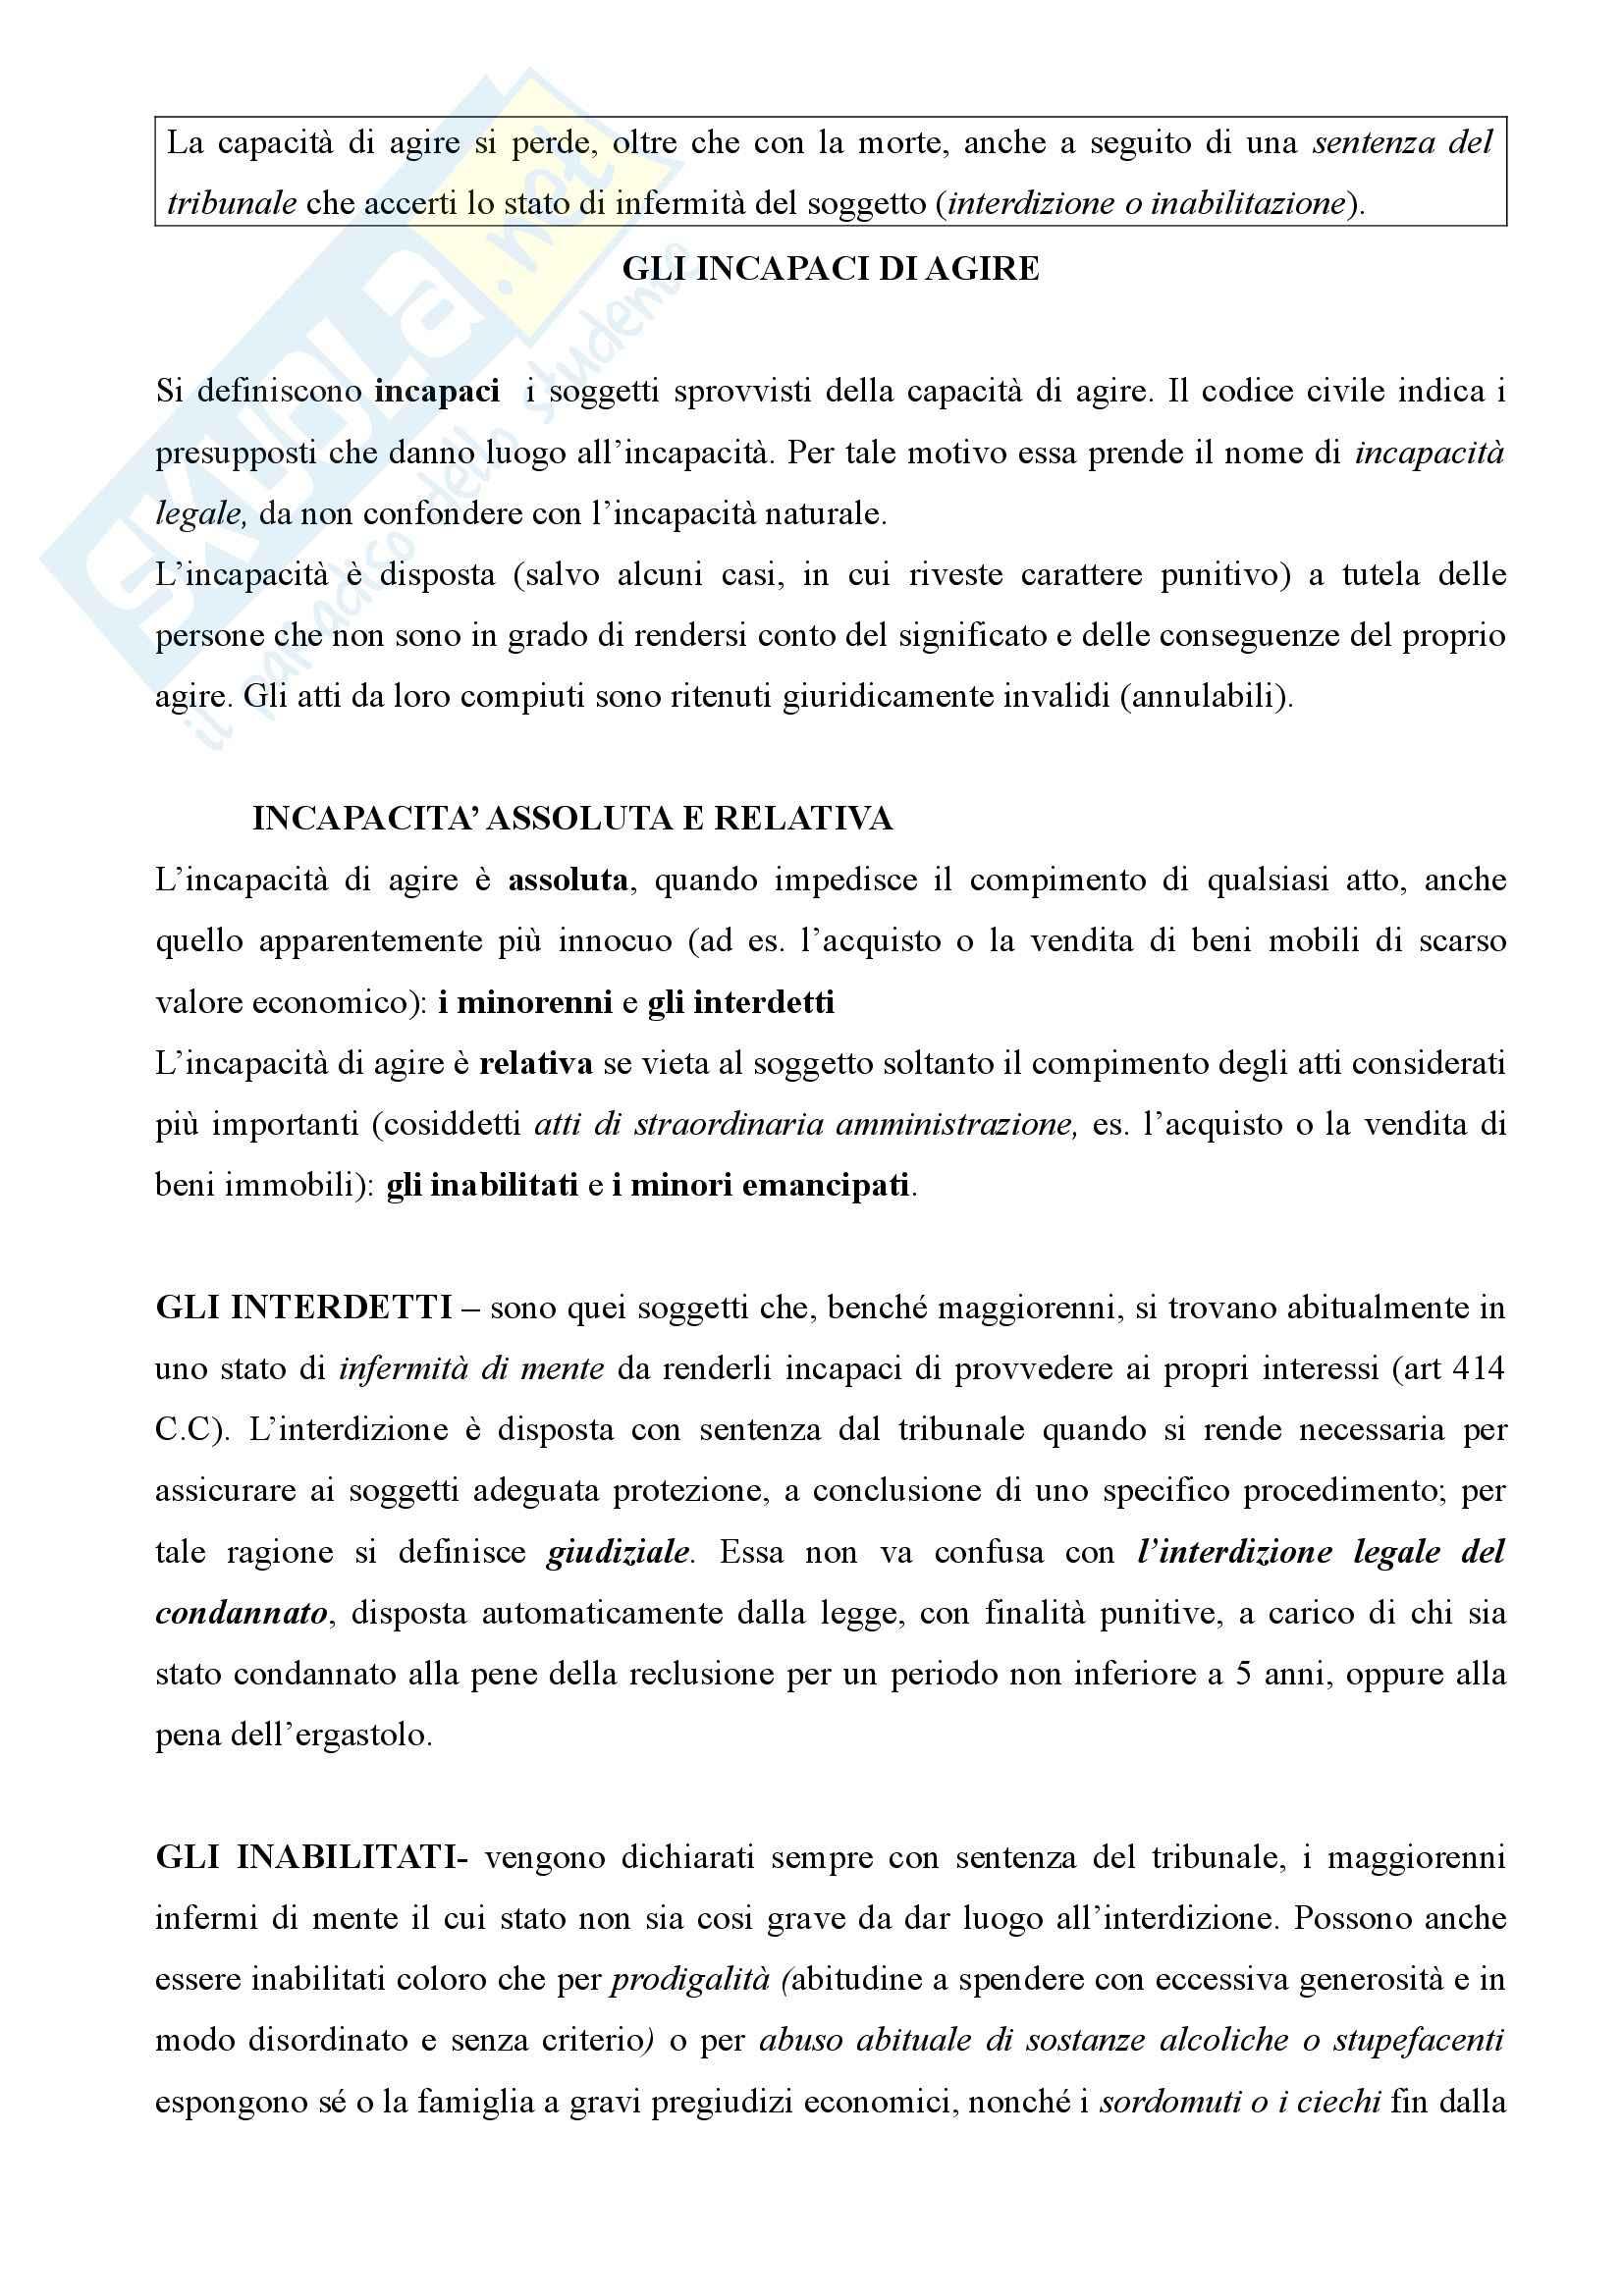 Diritto privato - nozioni generali Pag. 2